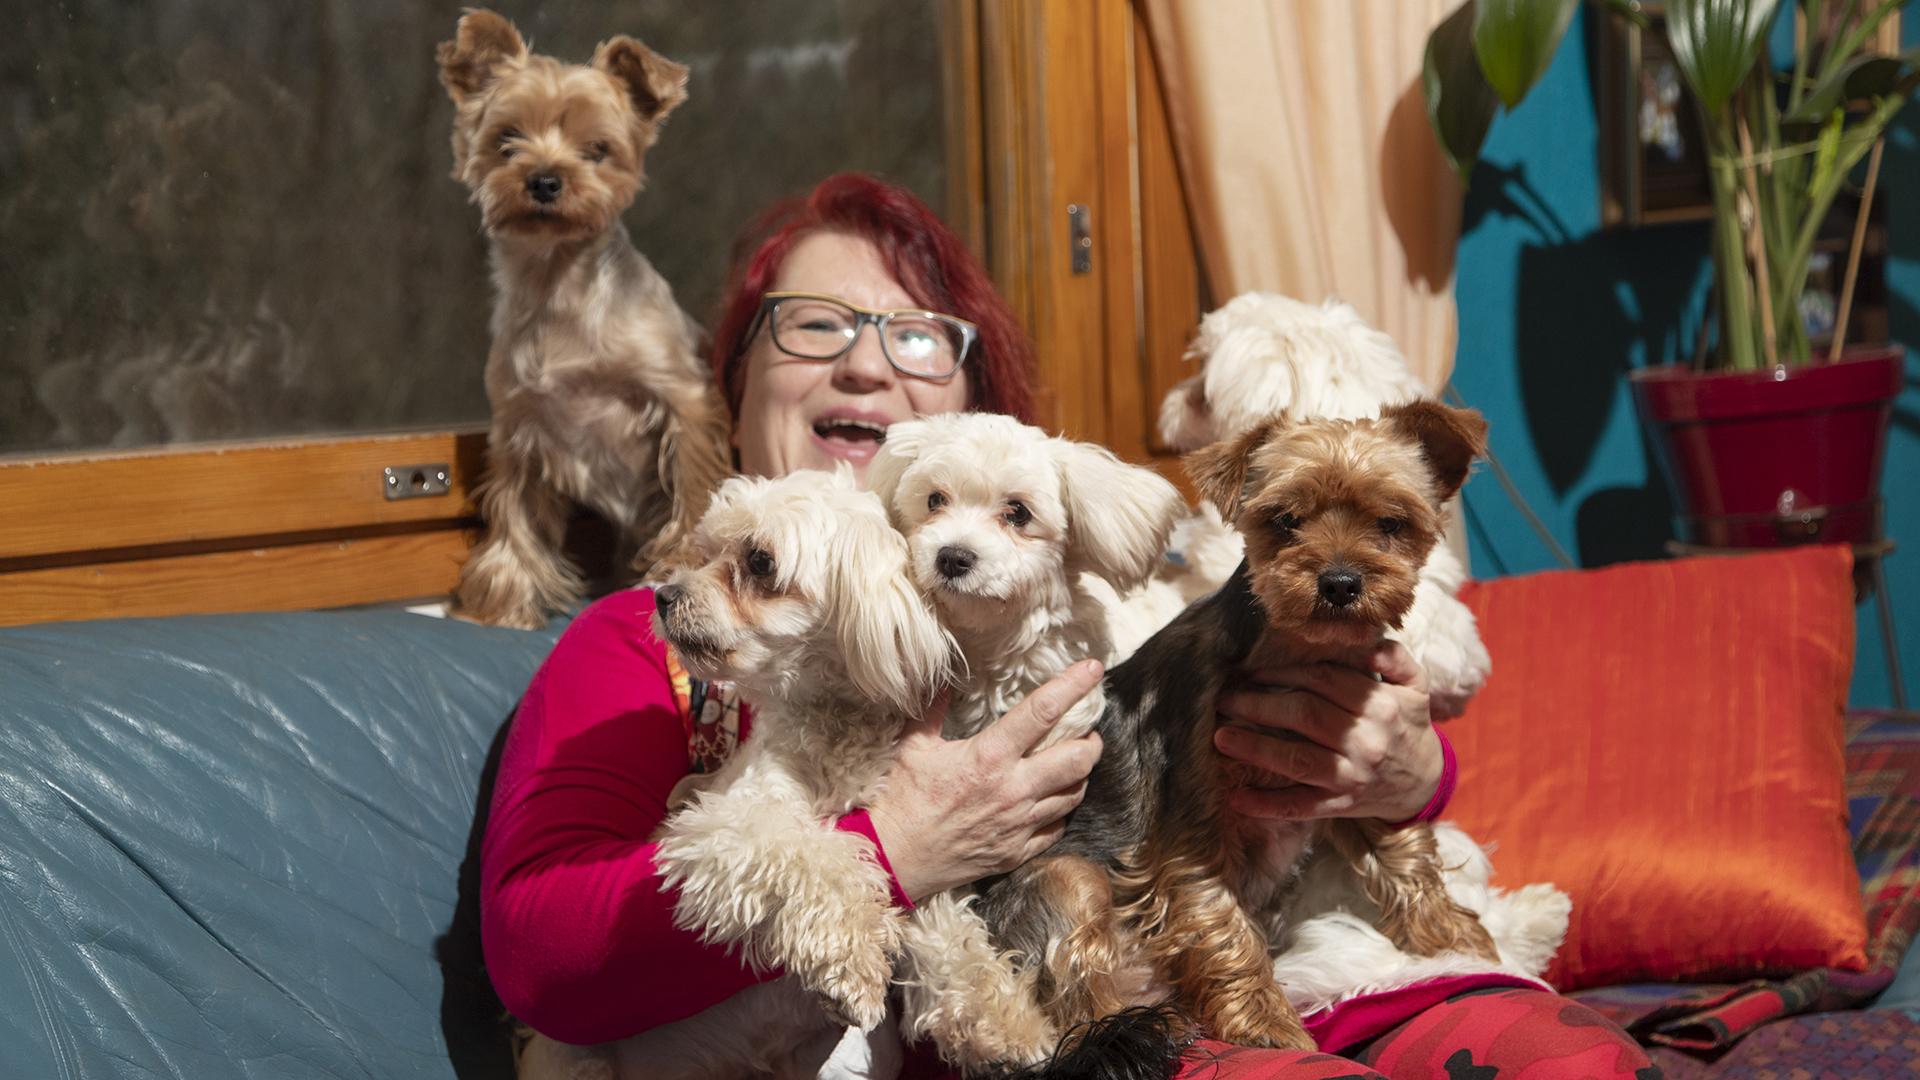 Eevan viisi koiraa hyötyvät myös emäntänsä säästäväisyydestä.